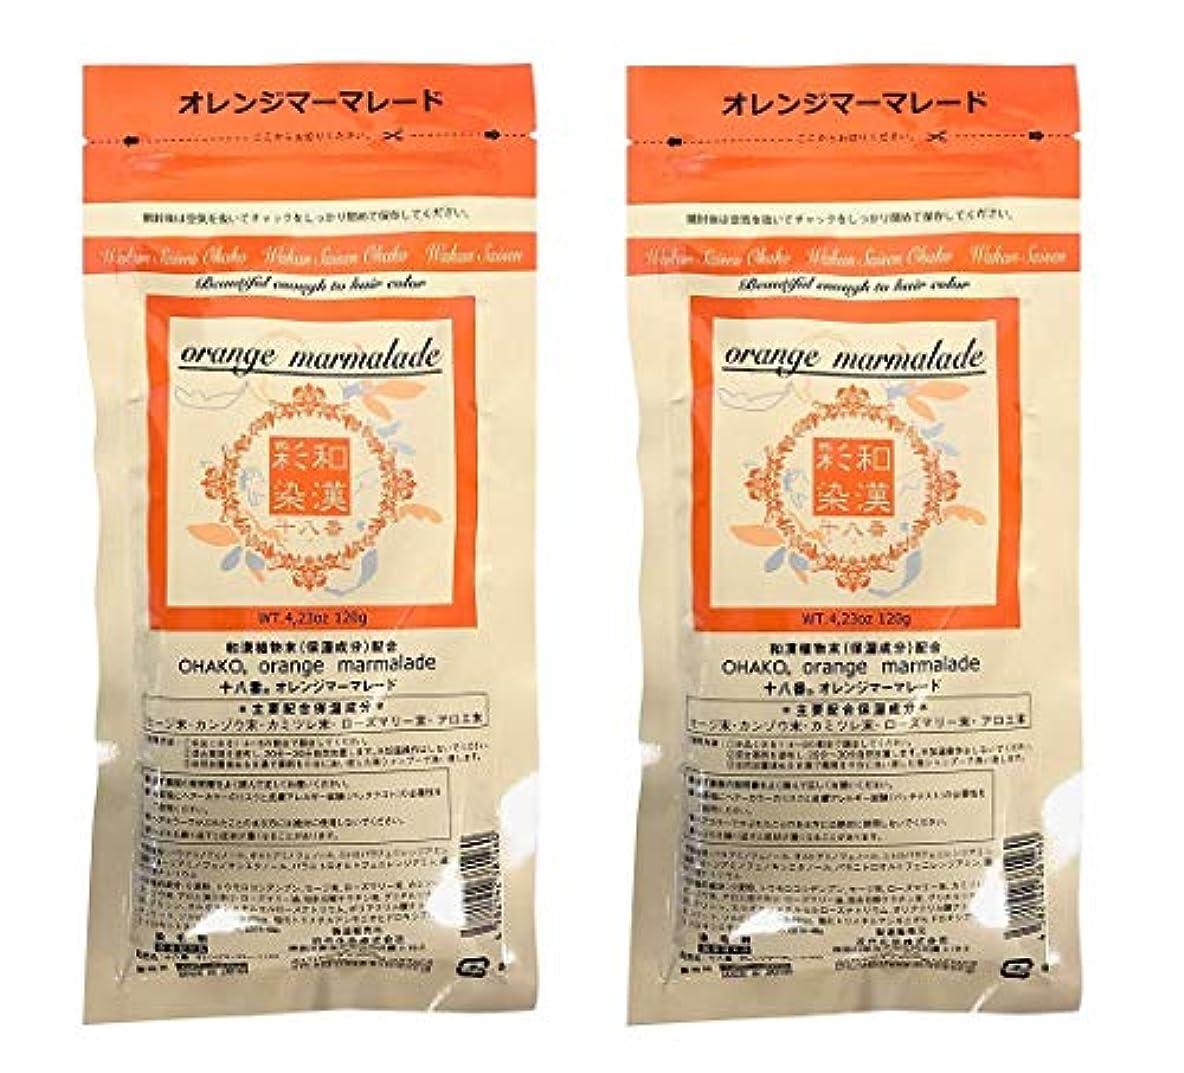 わがまま初心者現象【2個セット】グランデックス 和漢彩染 十八番 120g オレンジママーレード